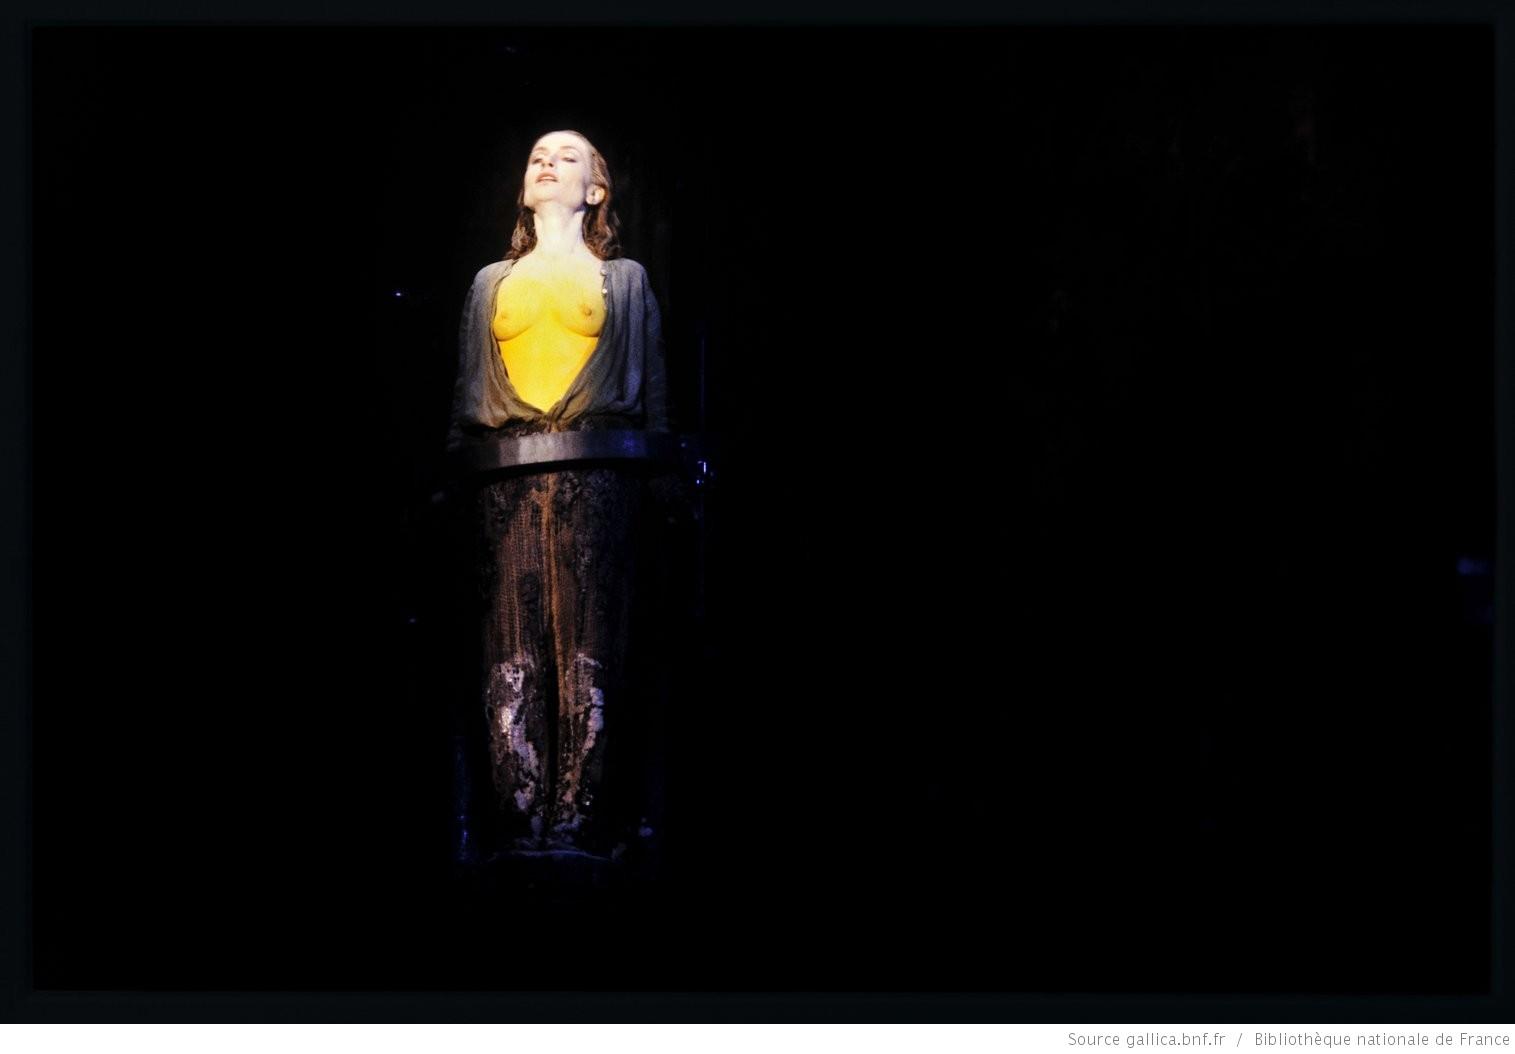 Jeanne d'Arc au bûcher, de Paul Claudel, mise en scène de Claude Régy, avec Isabelle Huppert, Opéra national de Paris-Bastille, photo Daniel Cande, 09-10-1992, Gallica-BnF